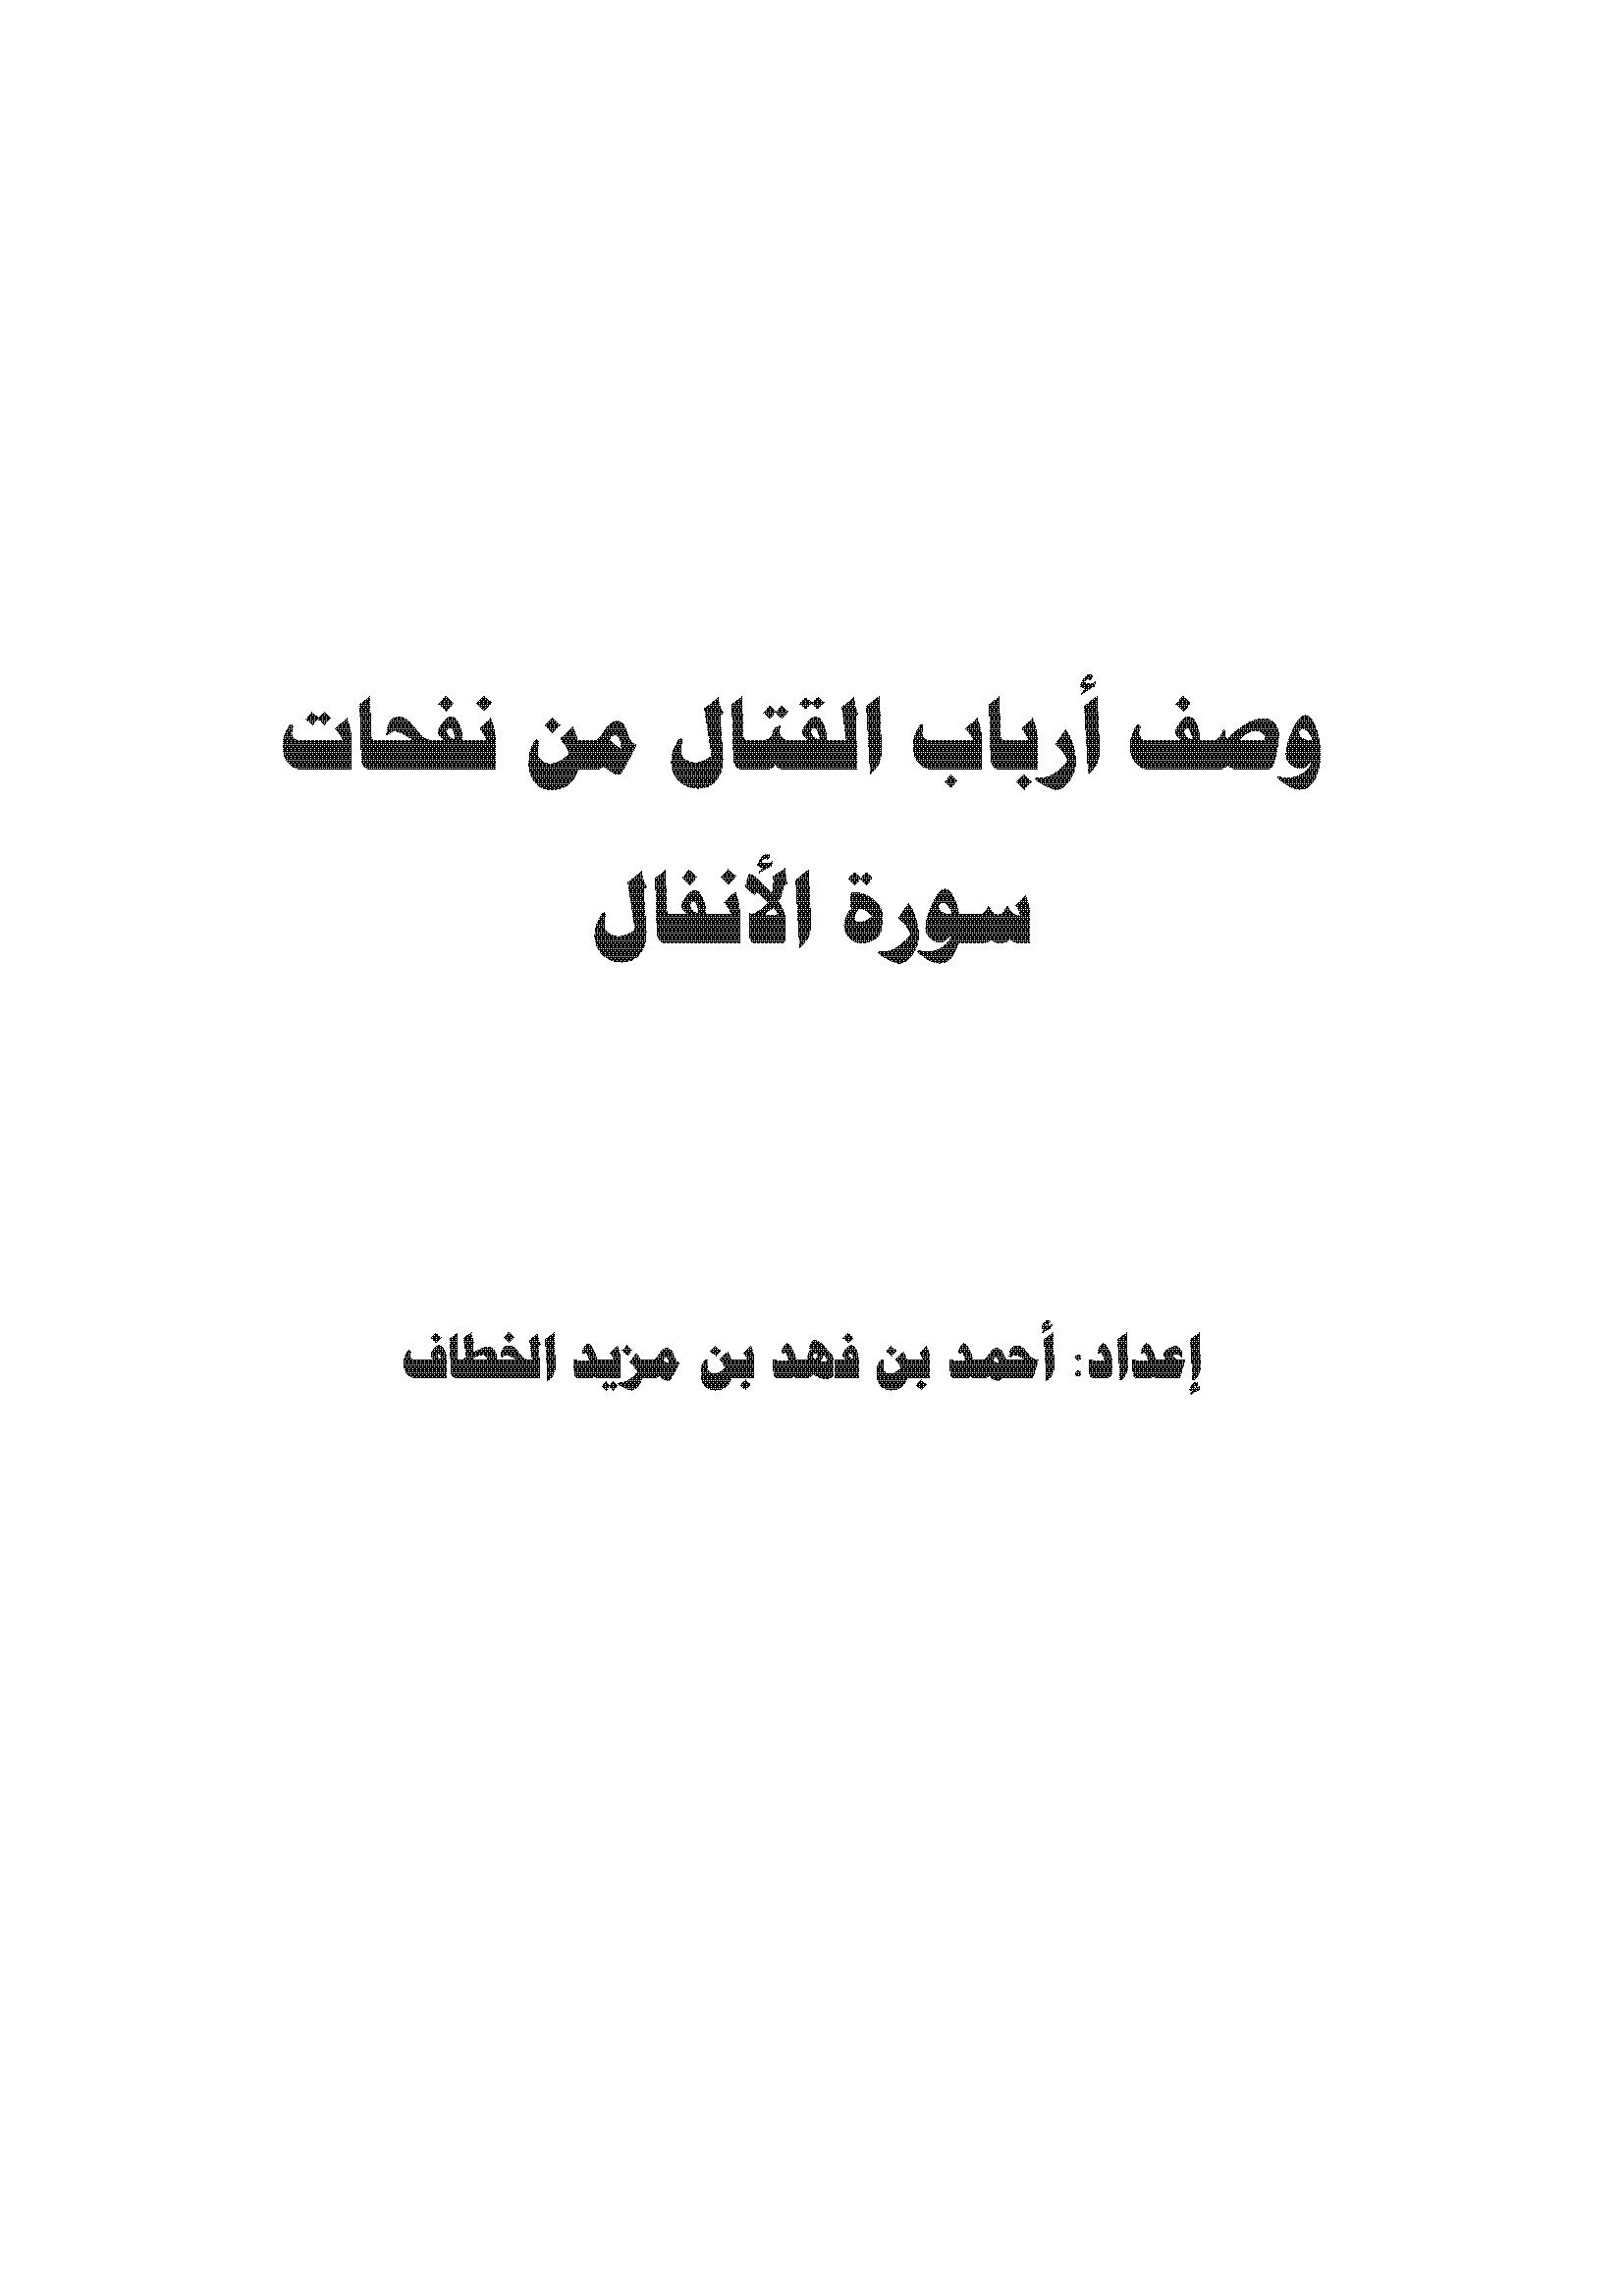 تحميل كتاب وصف أرباب القتال من نفحات سورة الأنفال لـِ: أحمد بن فهد بن مزيد الخطاف